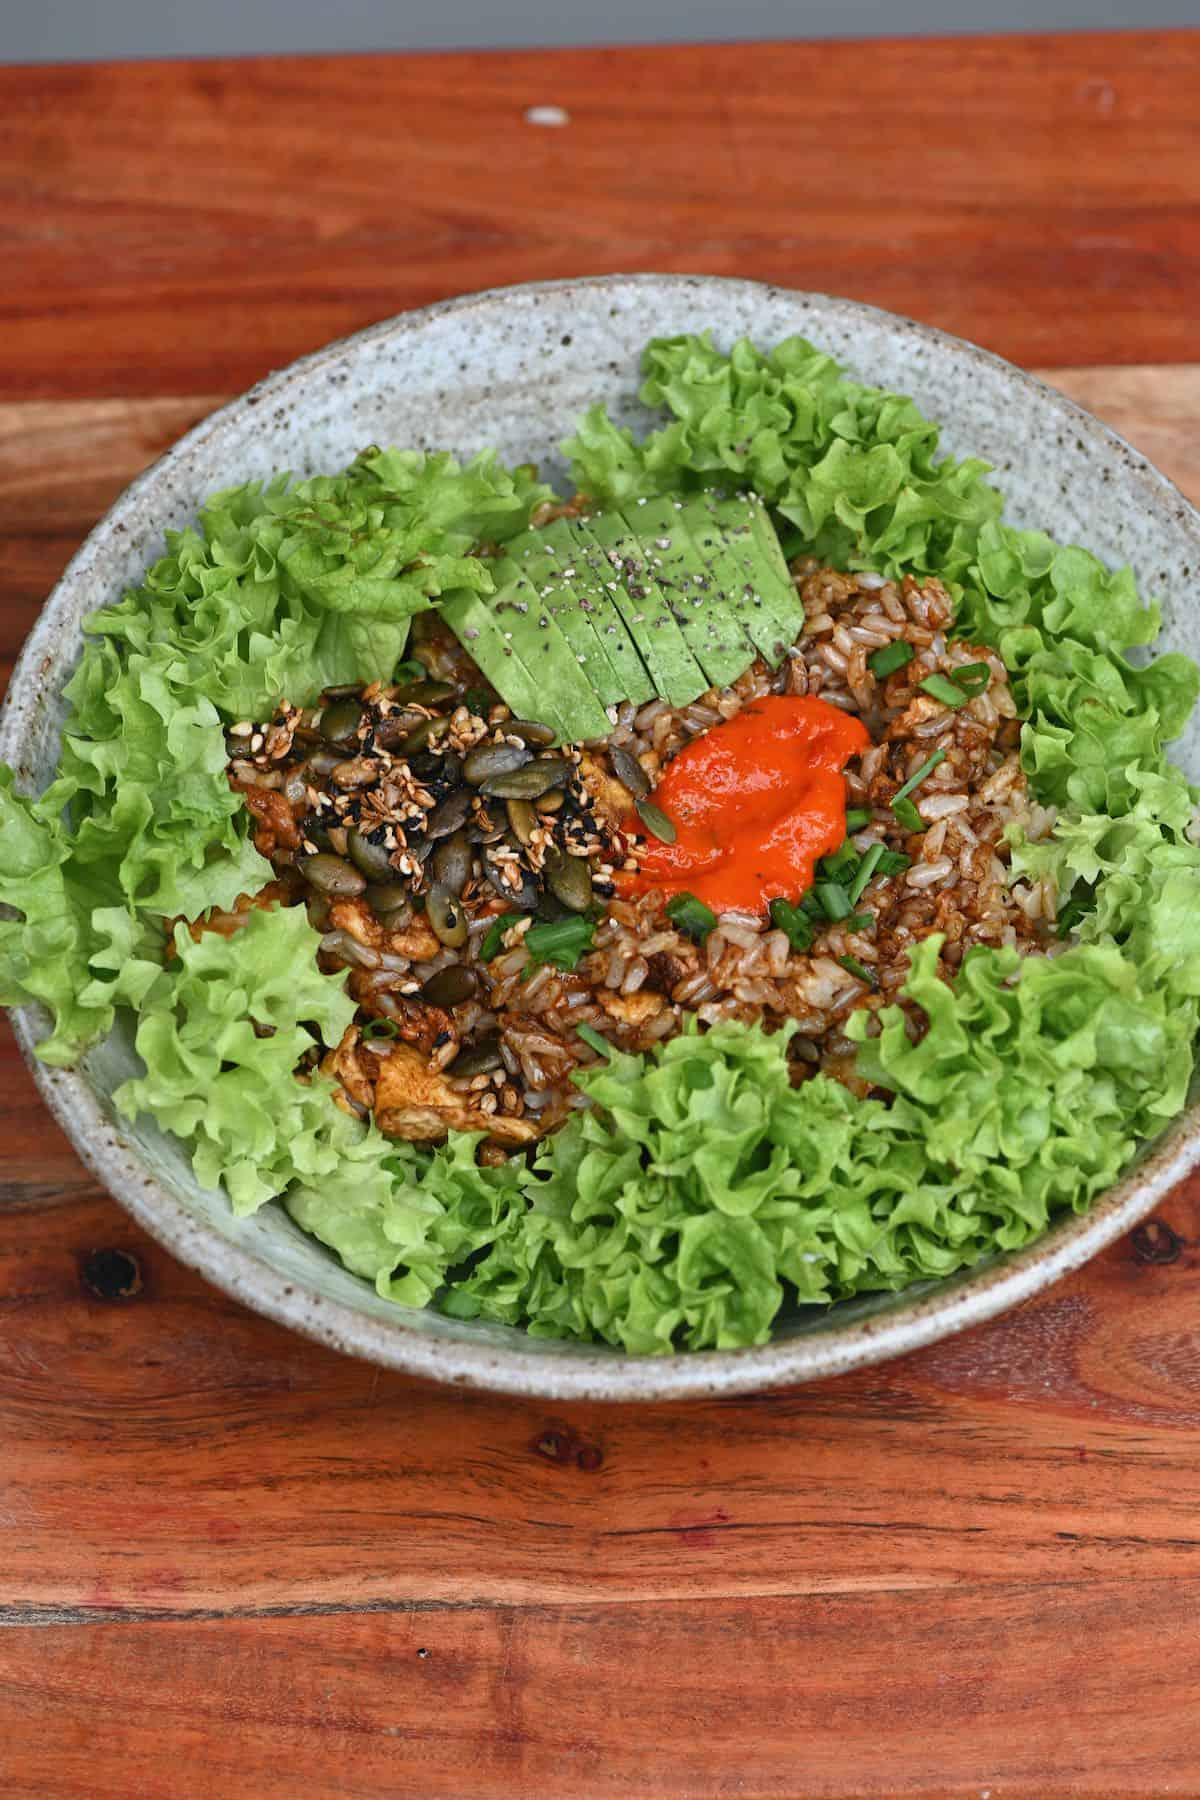 Rice eggs breakfast served over lettuce leaves